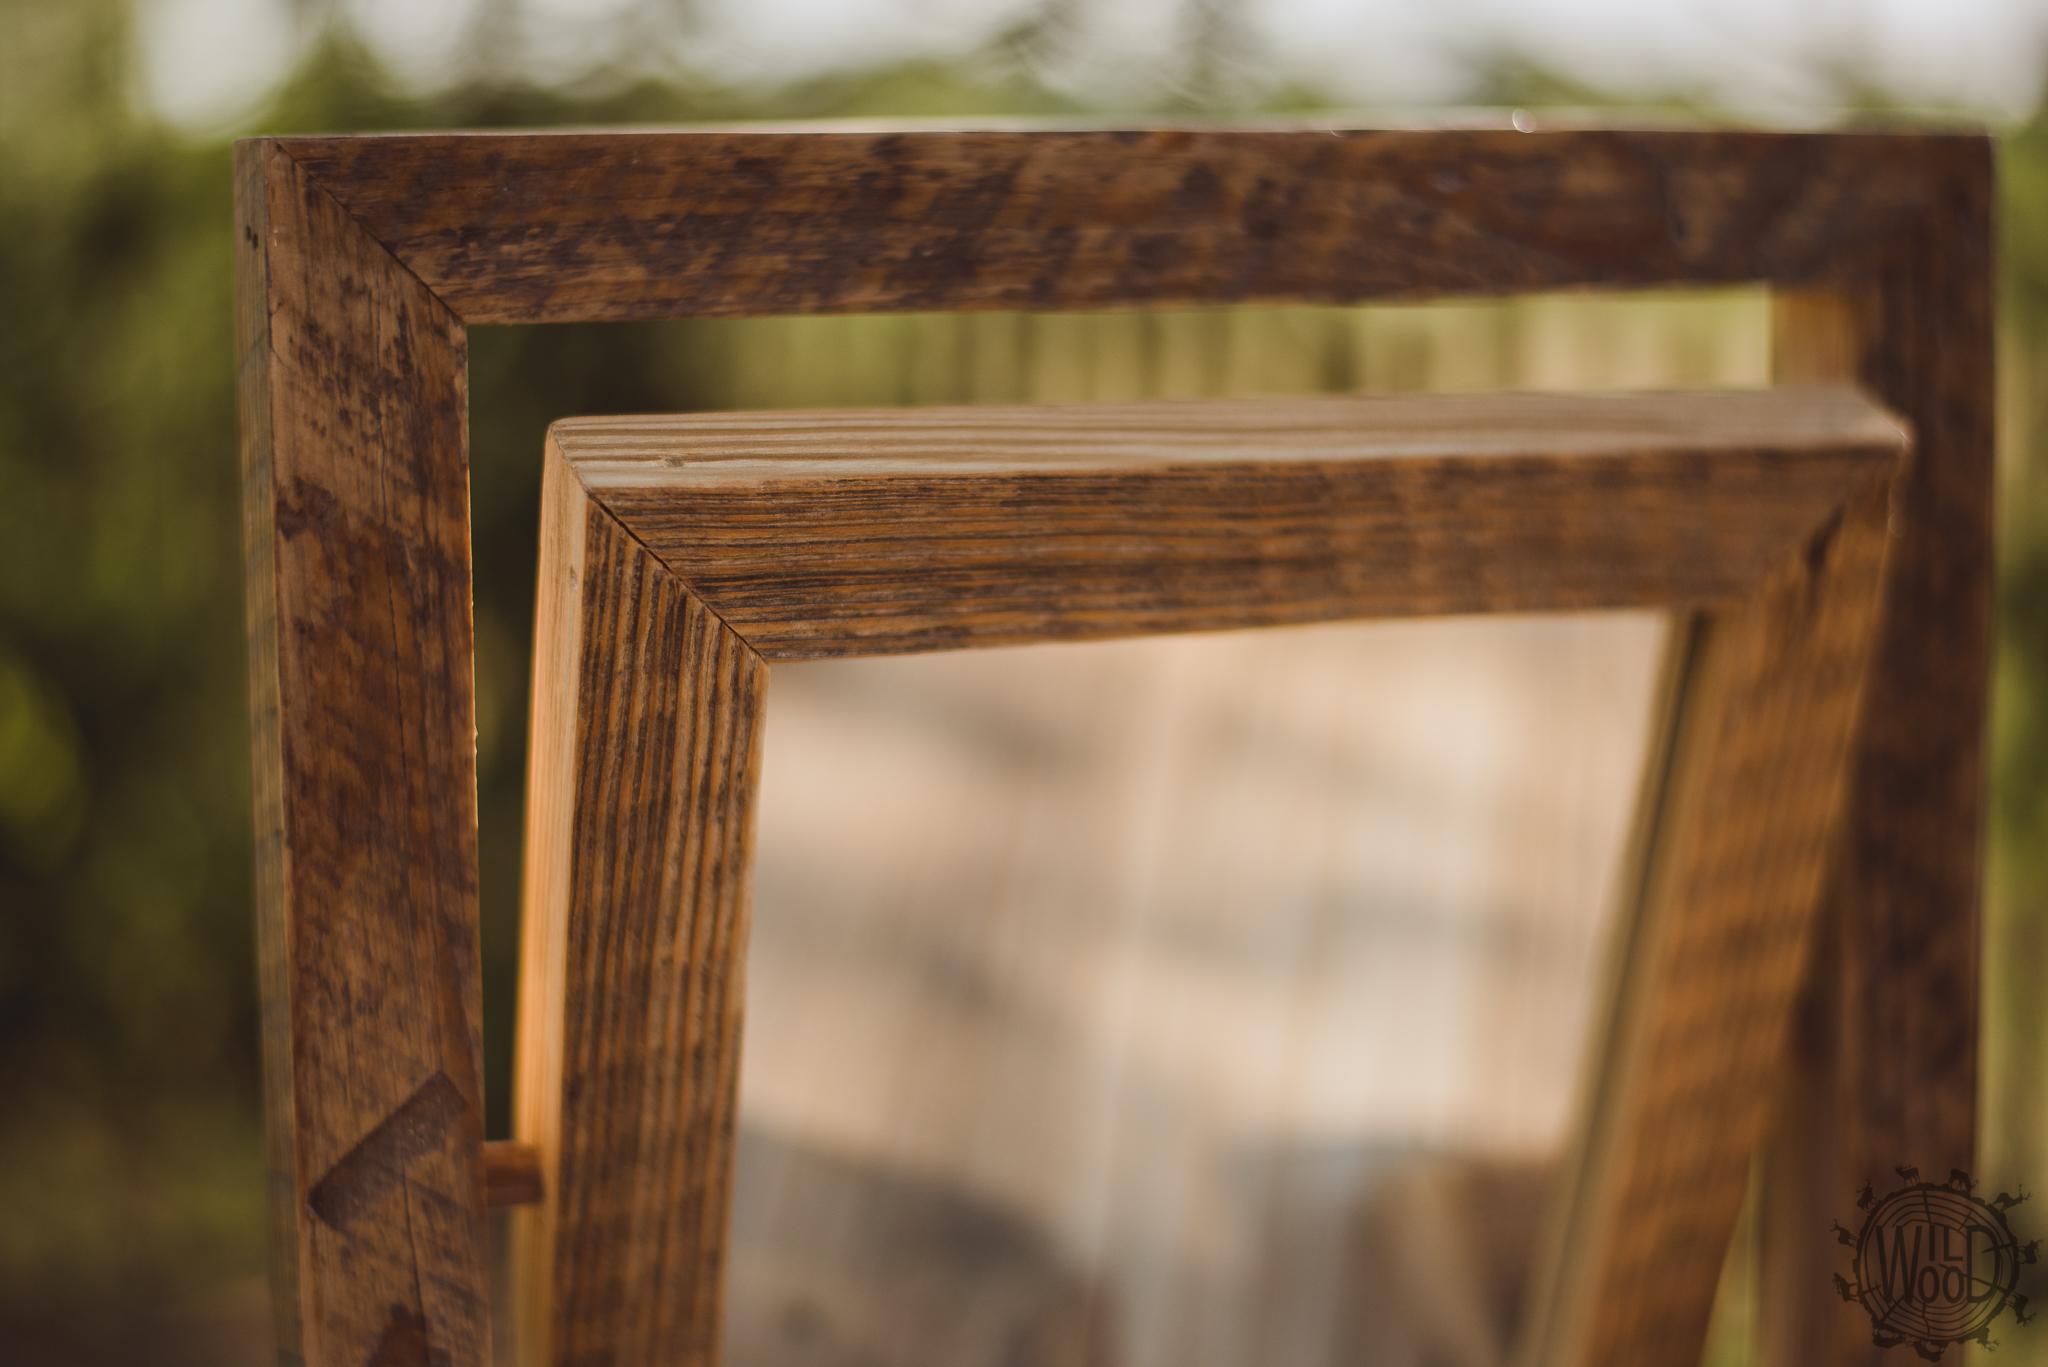 stolarz białystok, nietypowe meble białystok, usługi stolarskie podlaskie, wildwood, usługi stolarskie białystok, stolarz podlaskie, meble ze starego drewna, lusterko białystok knyszyn,